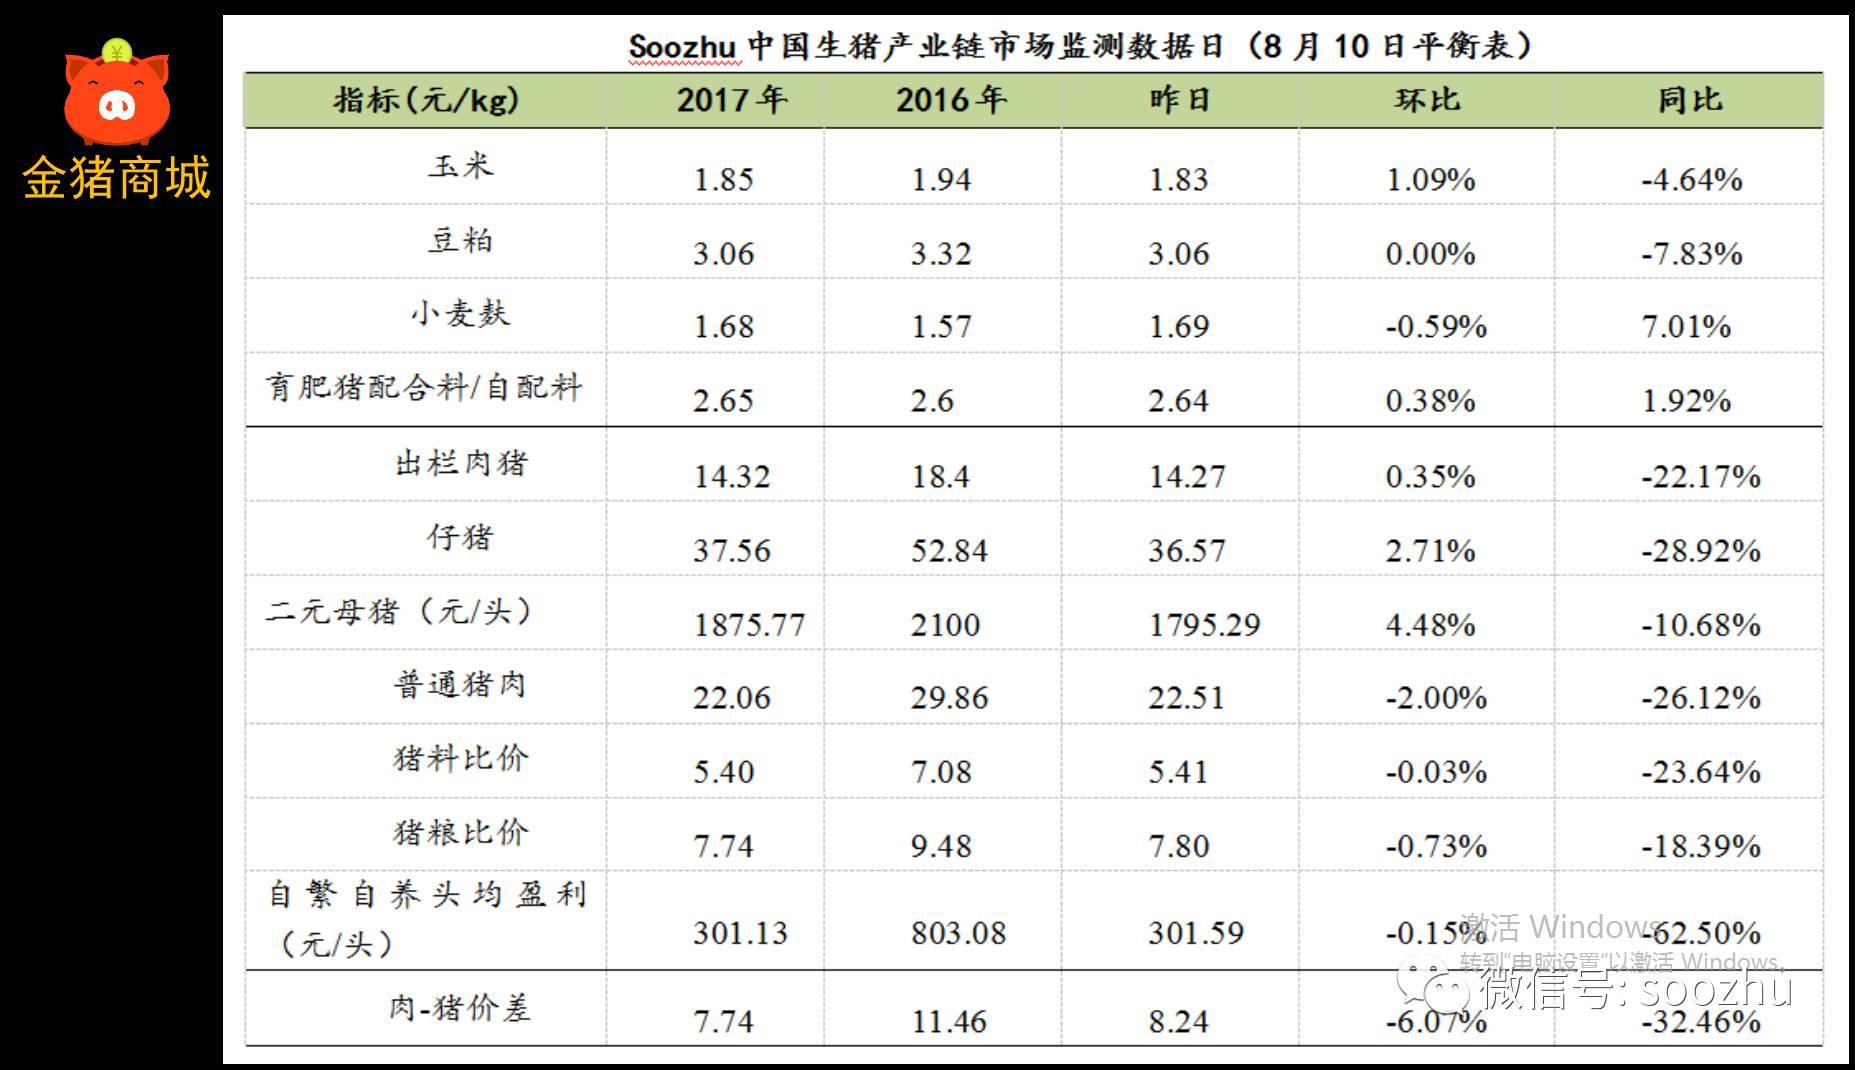 猪价趋稳调整 仔猪价格已上涨2元/公斤